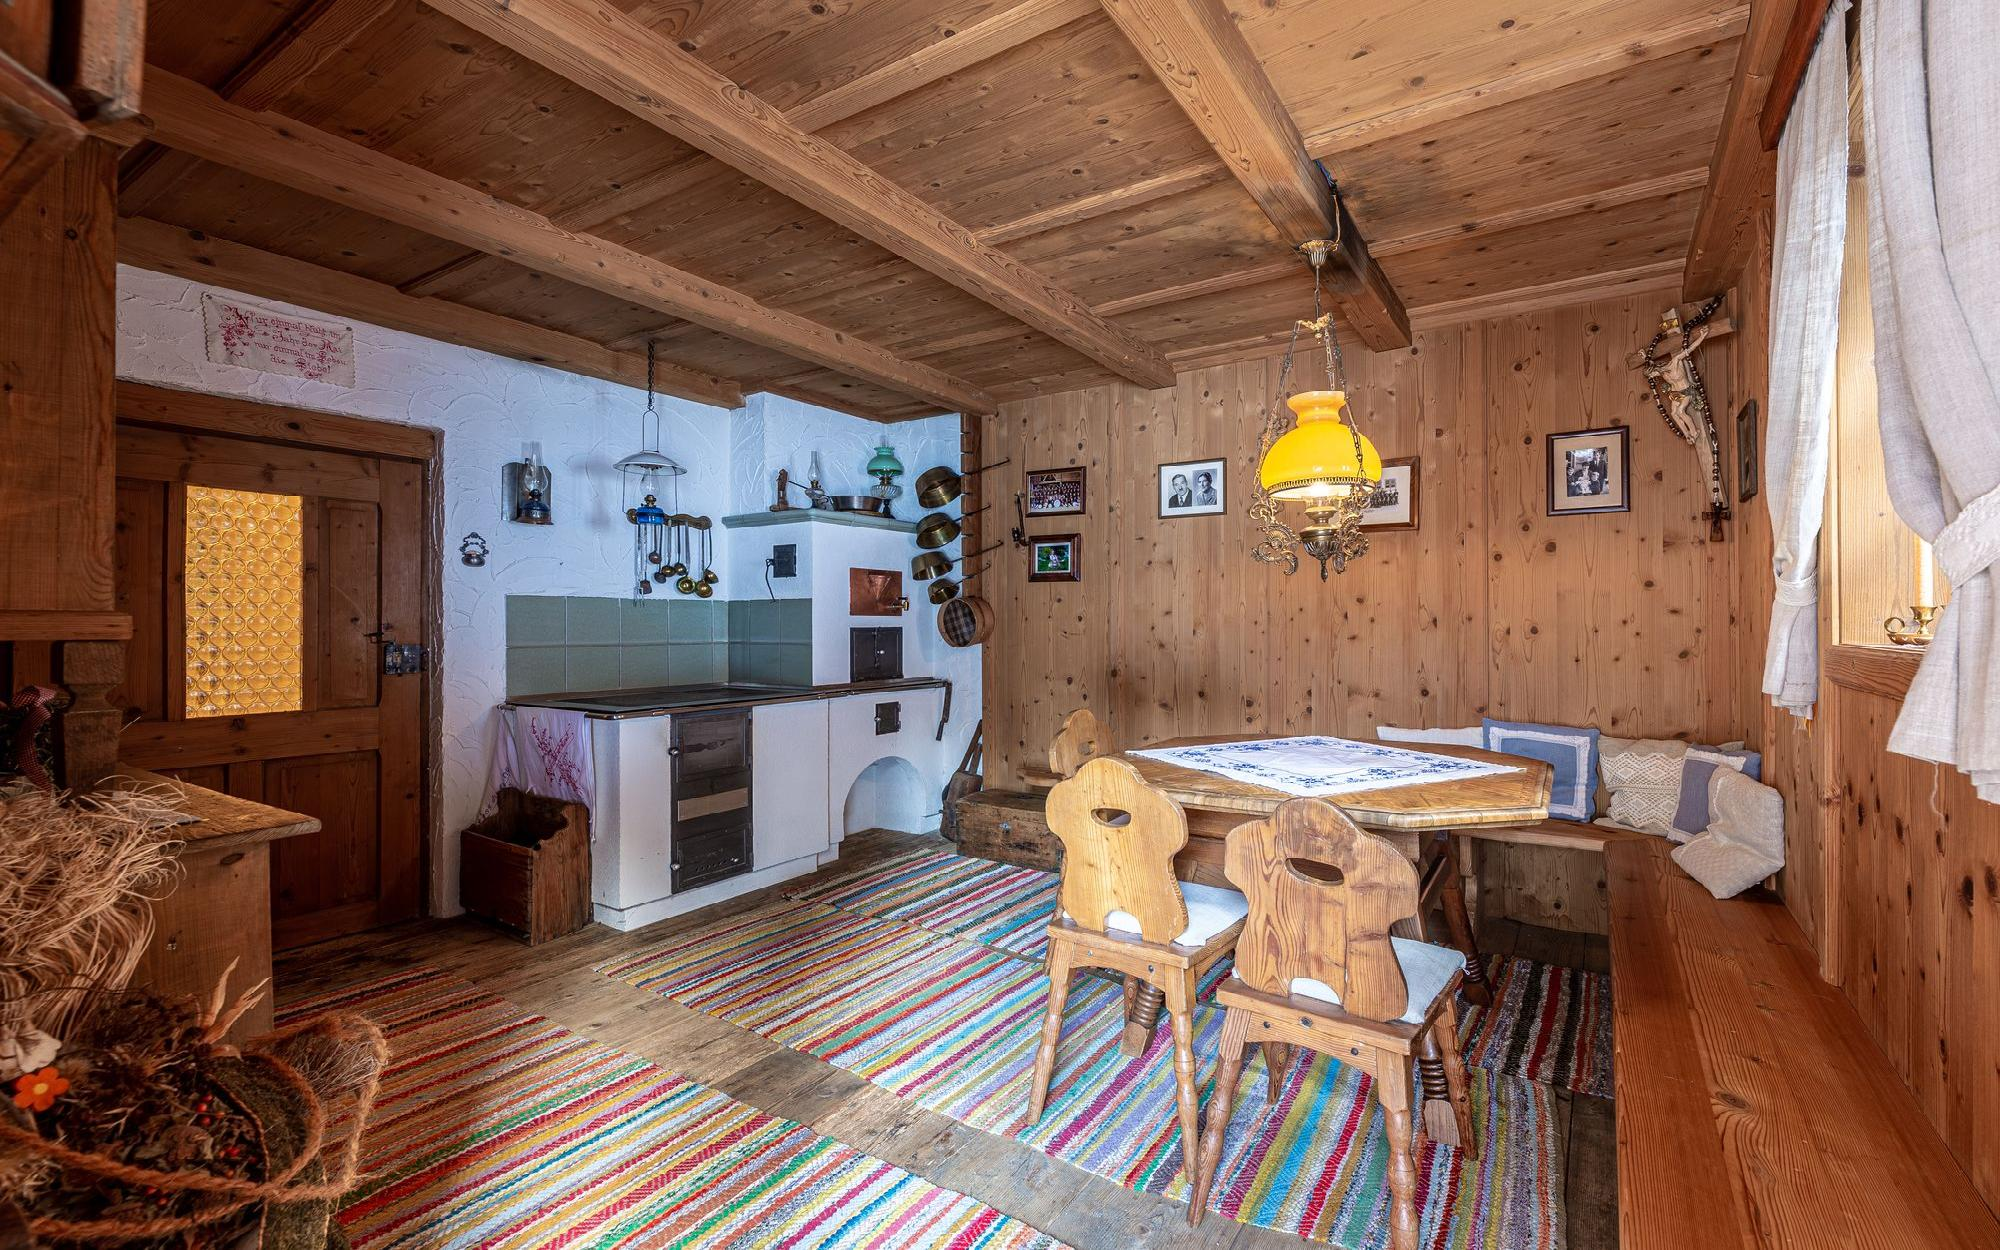 Загородный дом в горах на 2 семьи на опушке леса на продажу, Нидерау